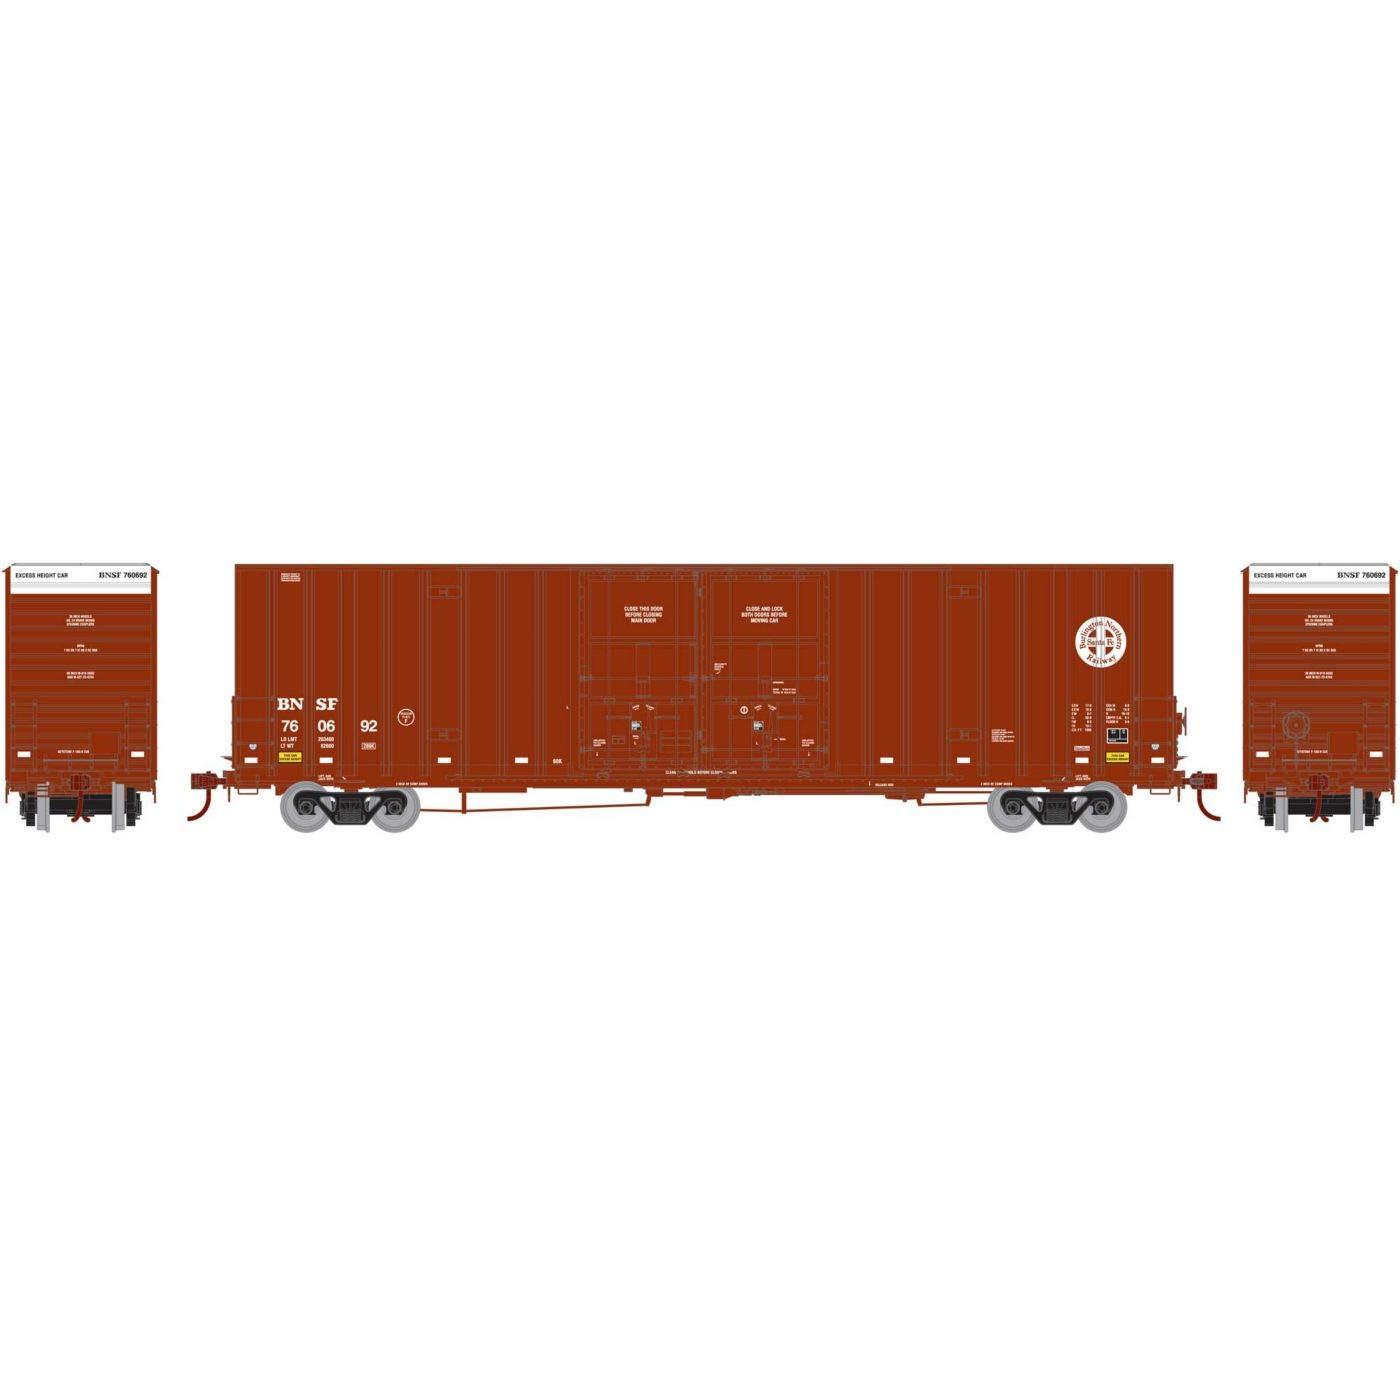 【超歓迎された】 Athearn 60フィート 鉄道#2 HO RTR 60フィート B07JMKKM8M Gunderson DD HC ボックス BNSF 鉄道#2 B07JMKKM8M, sanctum:db577cce --- sinefi.org.br